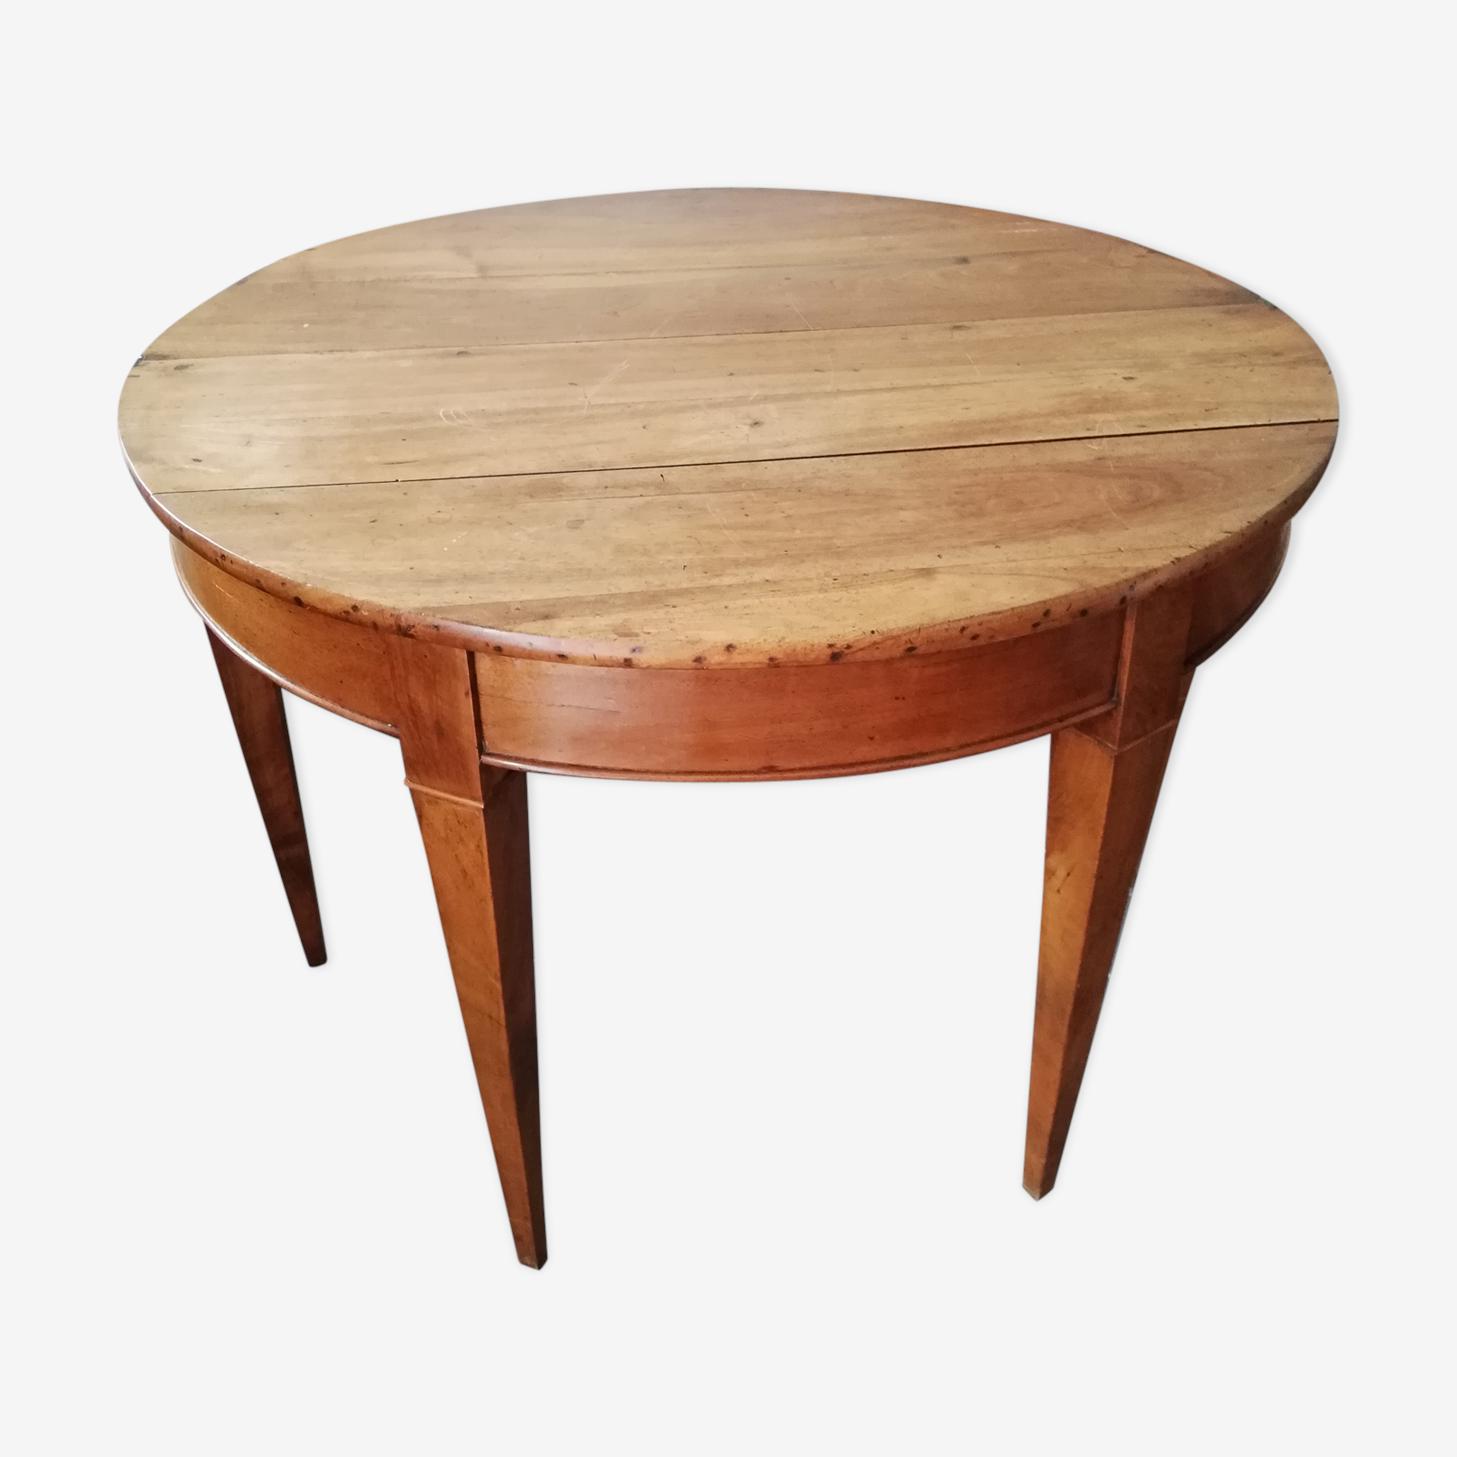 Half moon flap table